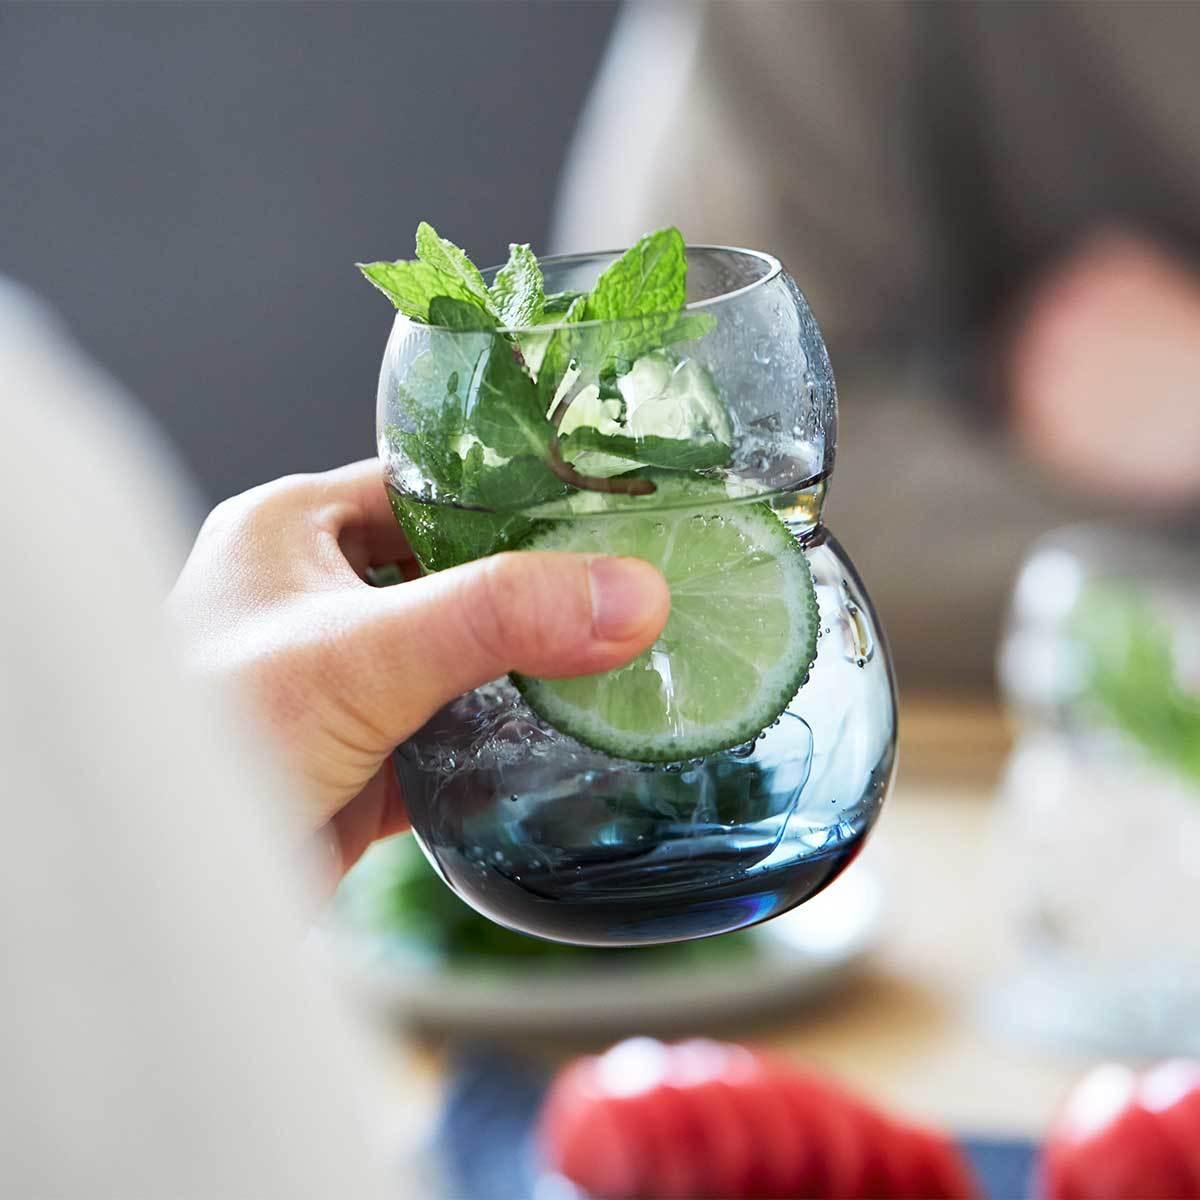 くびれで、小さな手にもしっかりフィット|『双円(そうえん)』のグラス|おしゃれなグラスで、おうち時間はもっと楽しくなる。割れないグラスや丸氷を簡単に作る製氷機など5選